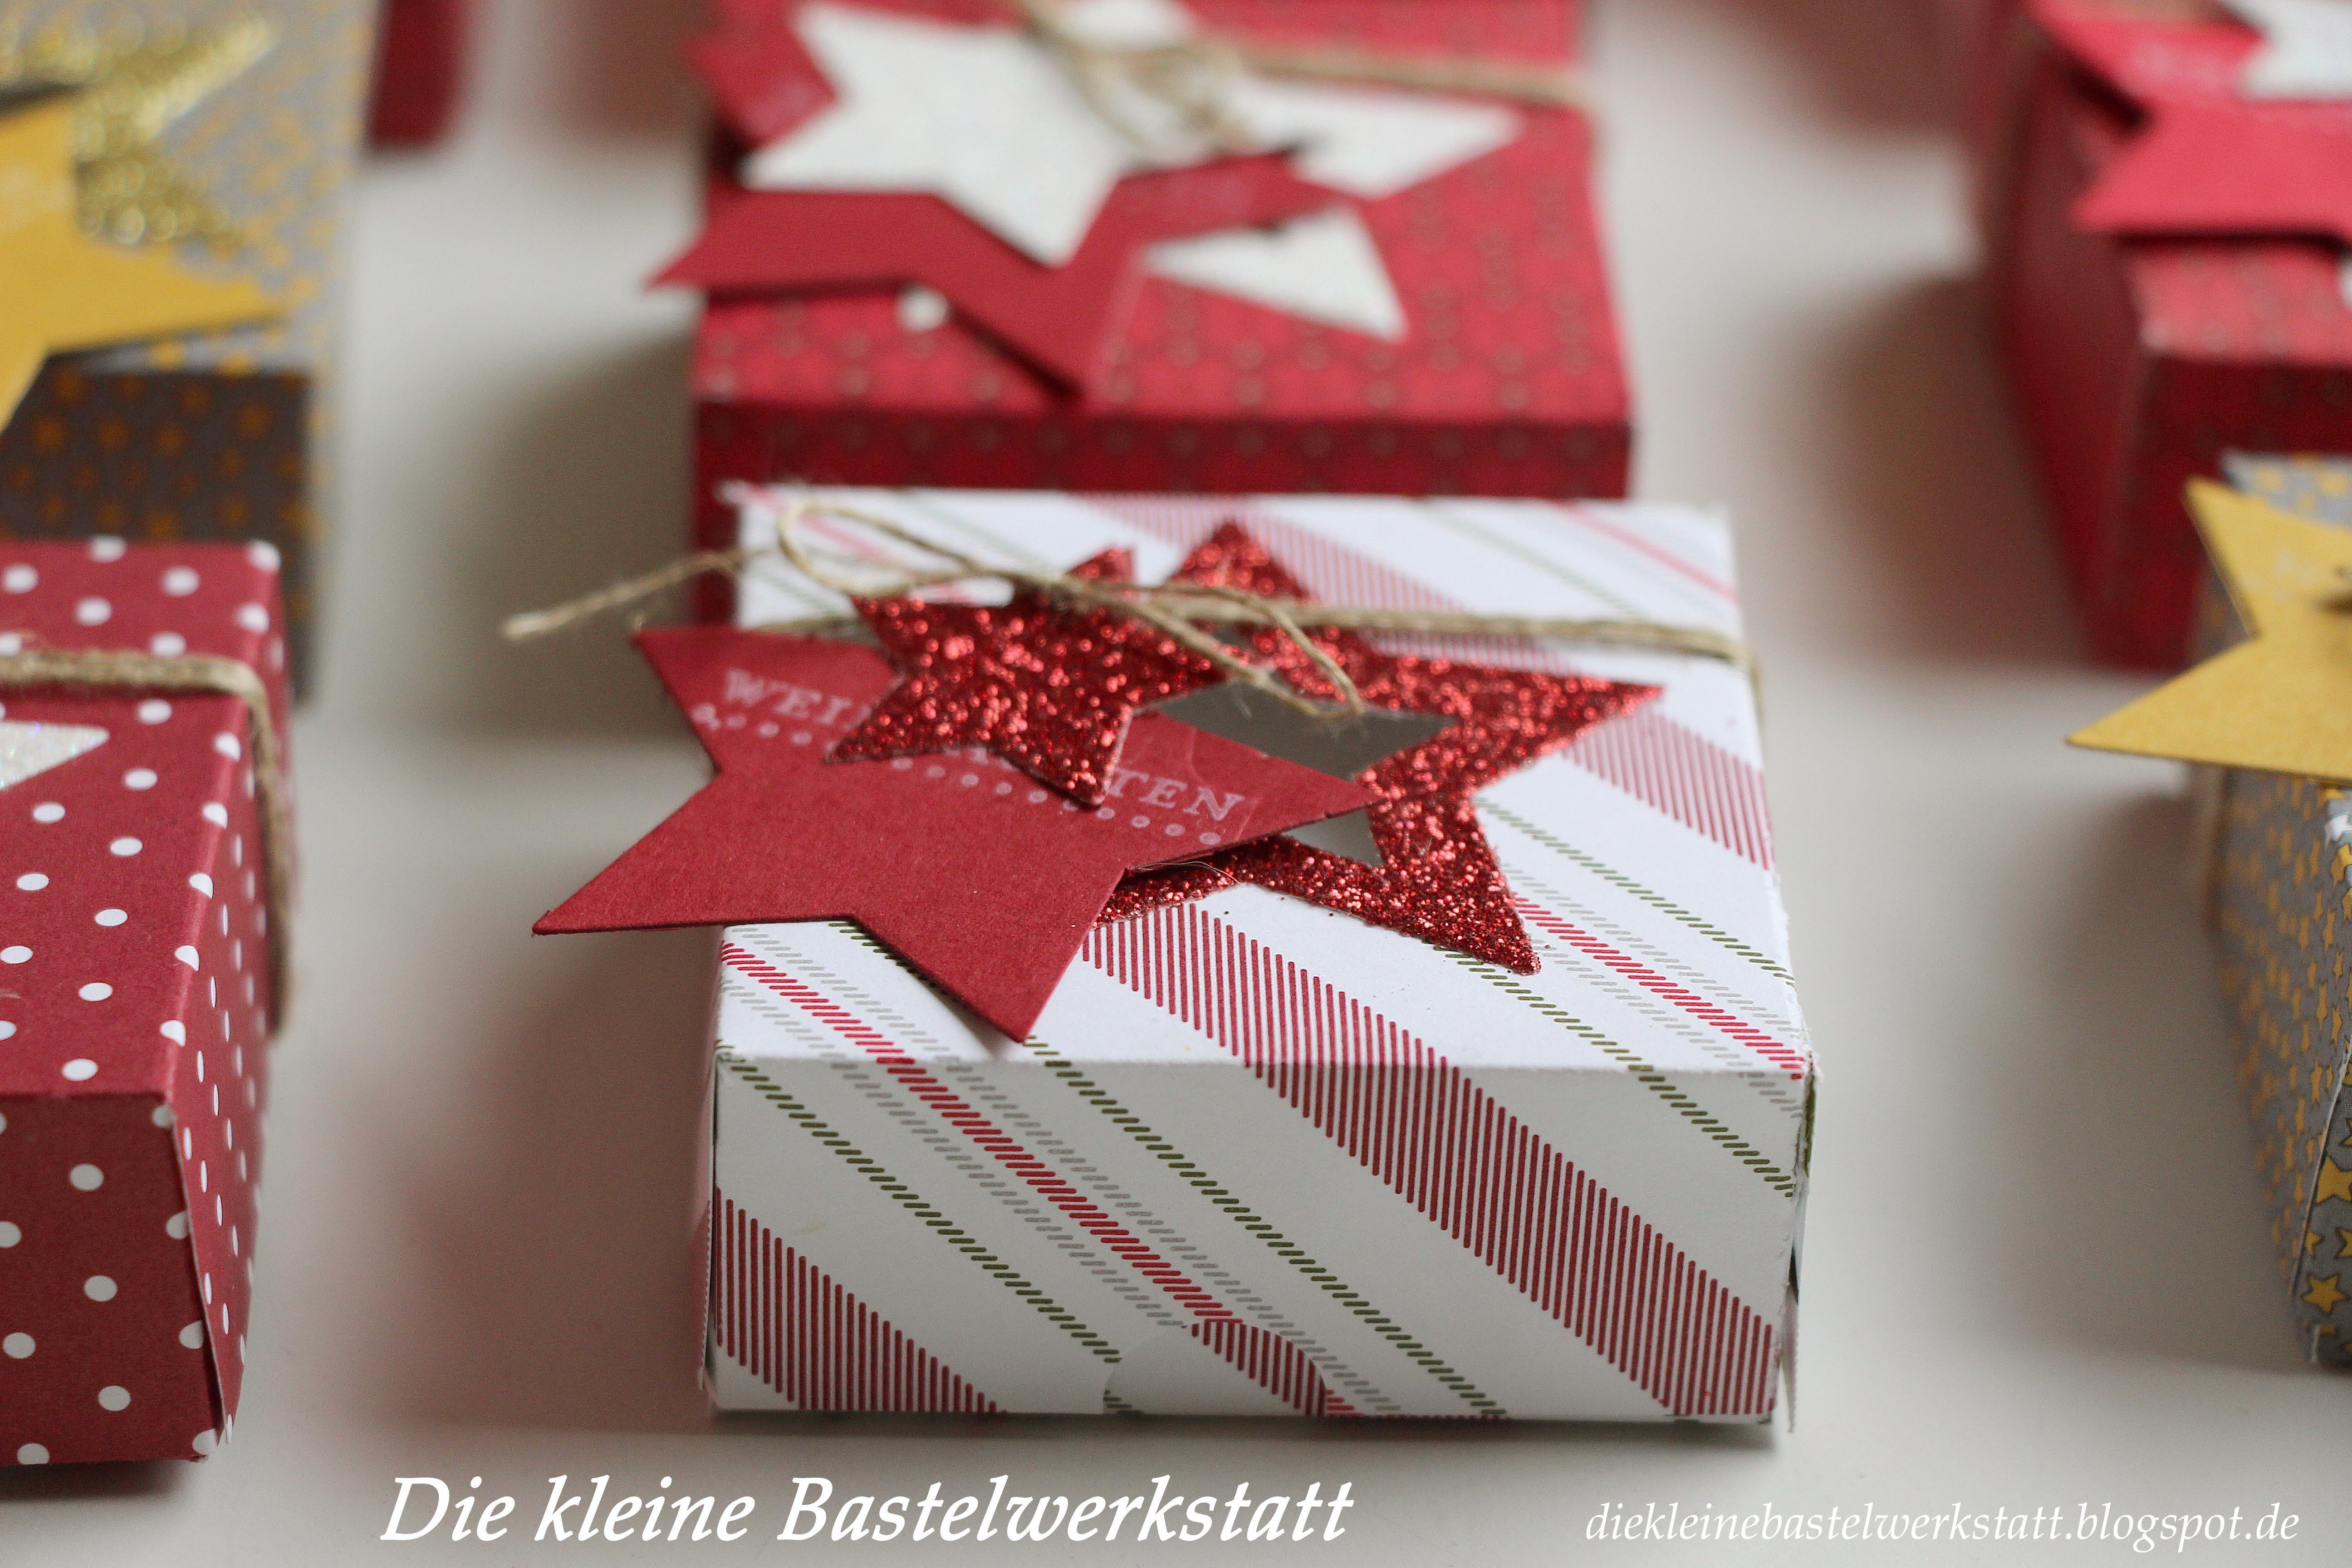 Weihnachten Bilder Bearbeiten.Beschreibung Bearbeiten Stampin Up Weihnachten Stern Maxi Teelicht